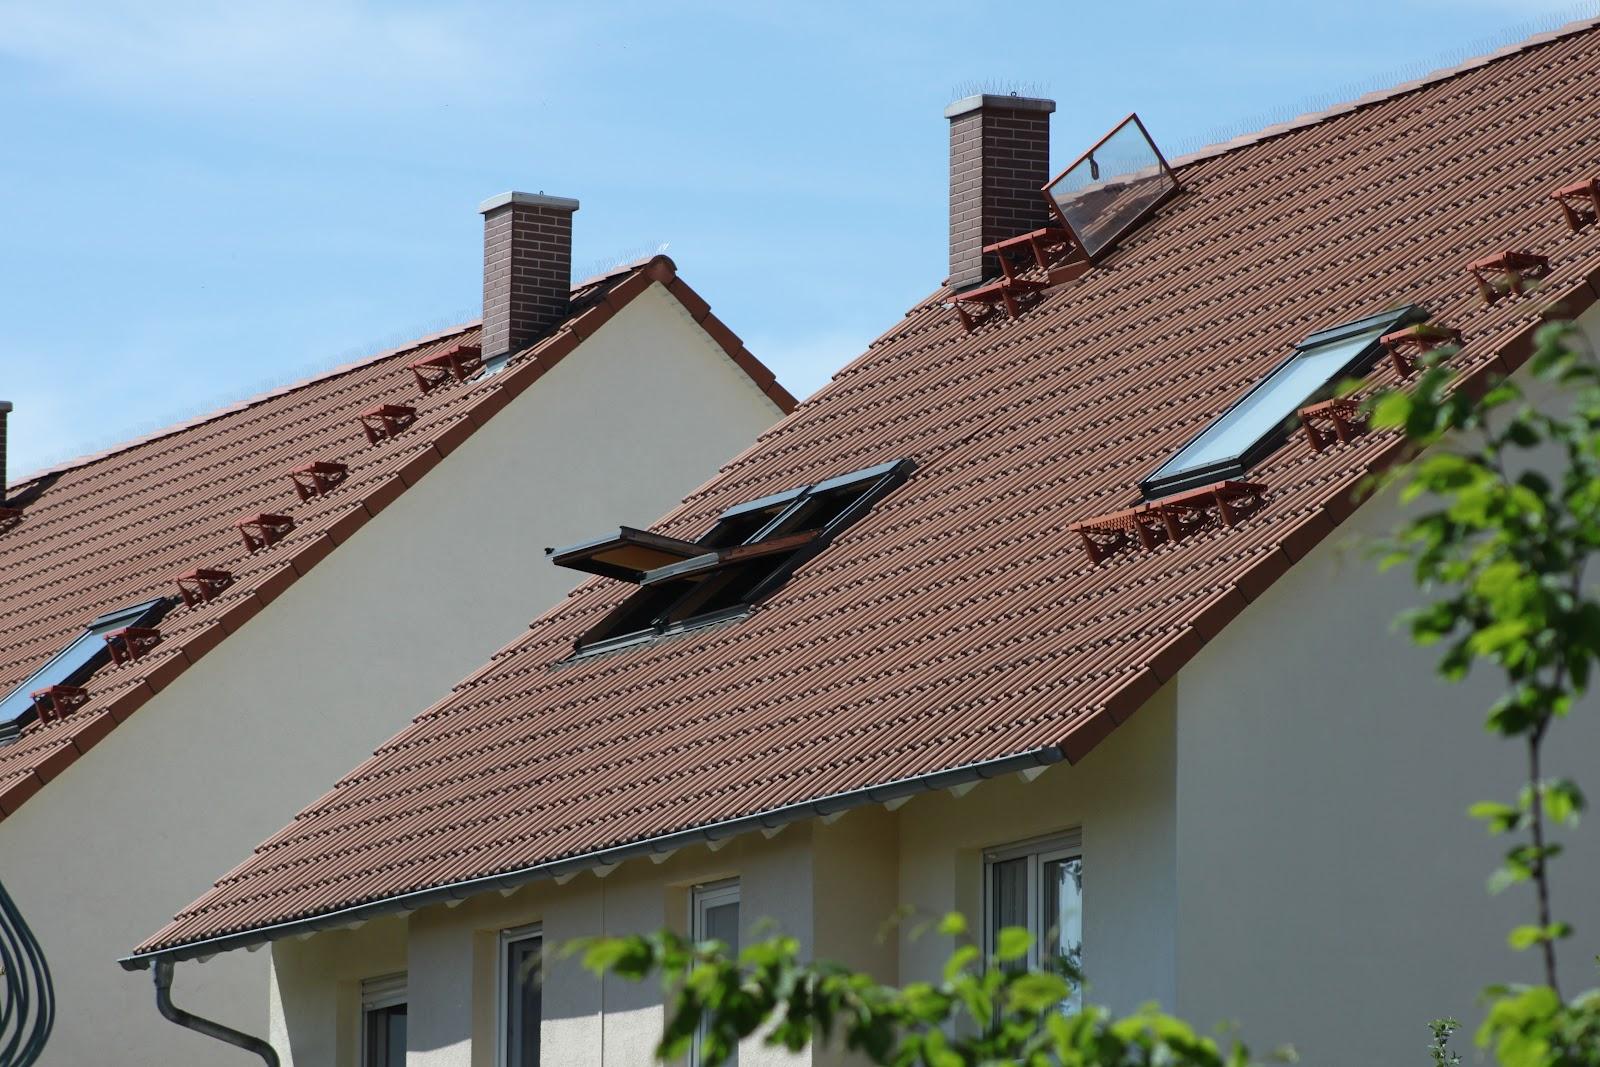 Hit aktuell brand in doppelhaush lfte in zwickau - Gartengestaltung doppelhaushalfte bilder ...